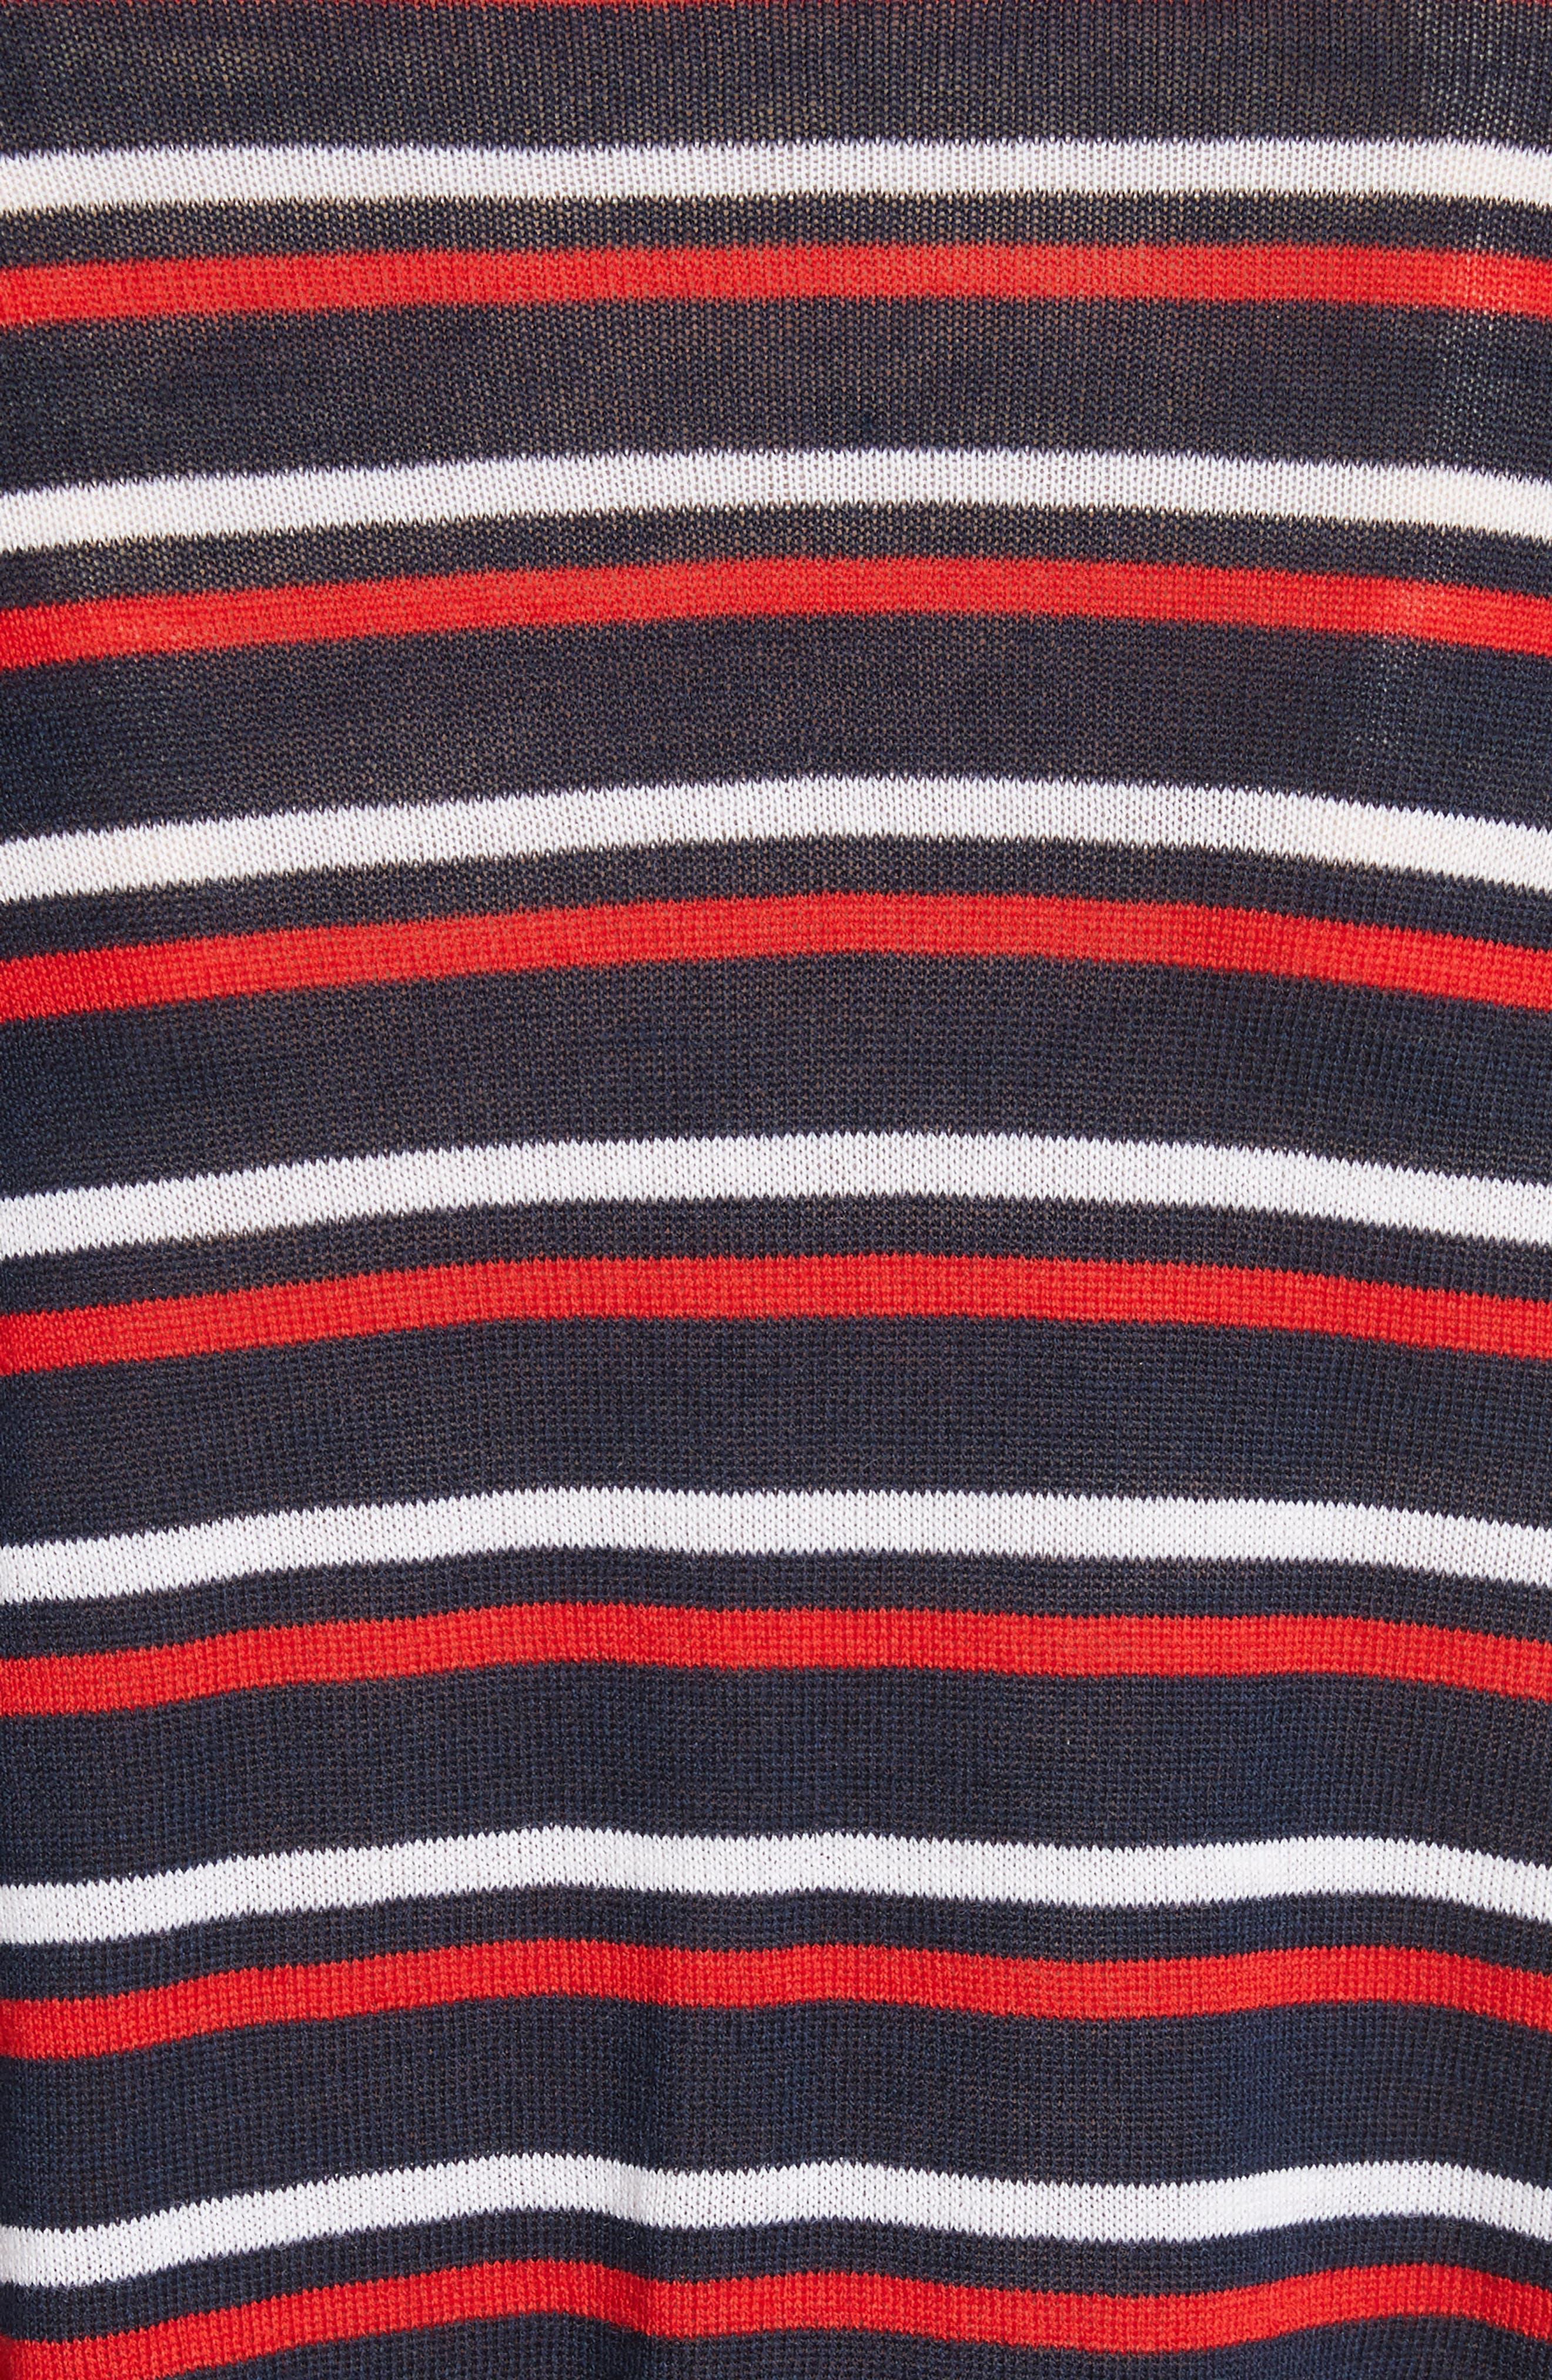 être cécile Stripe Knit Boyfriend Sweater,                             Alternate thumbnail 5, color,                             Marine Blue/ Red/ White